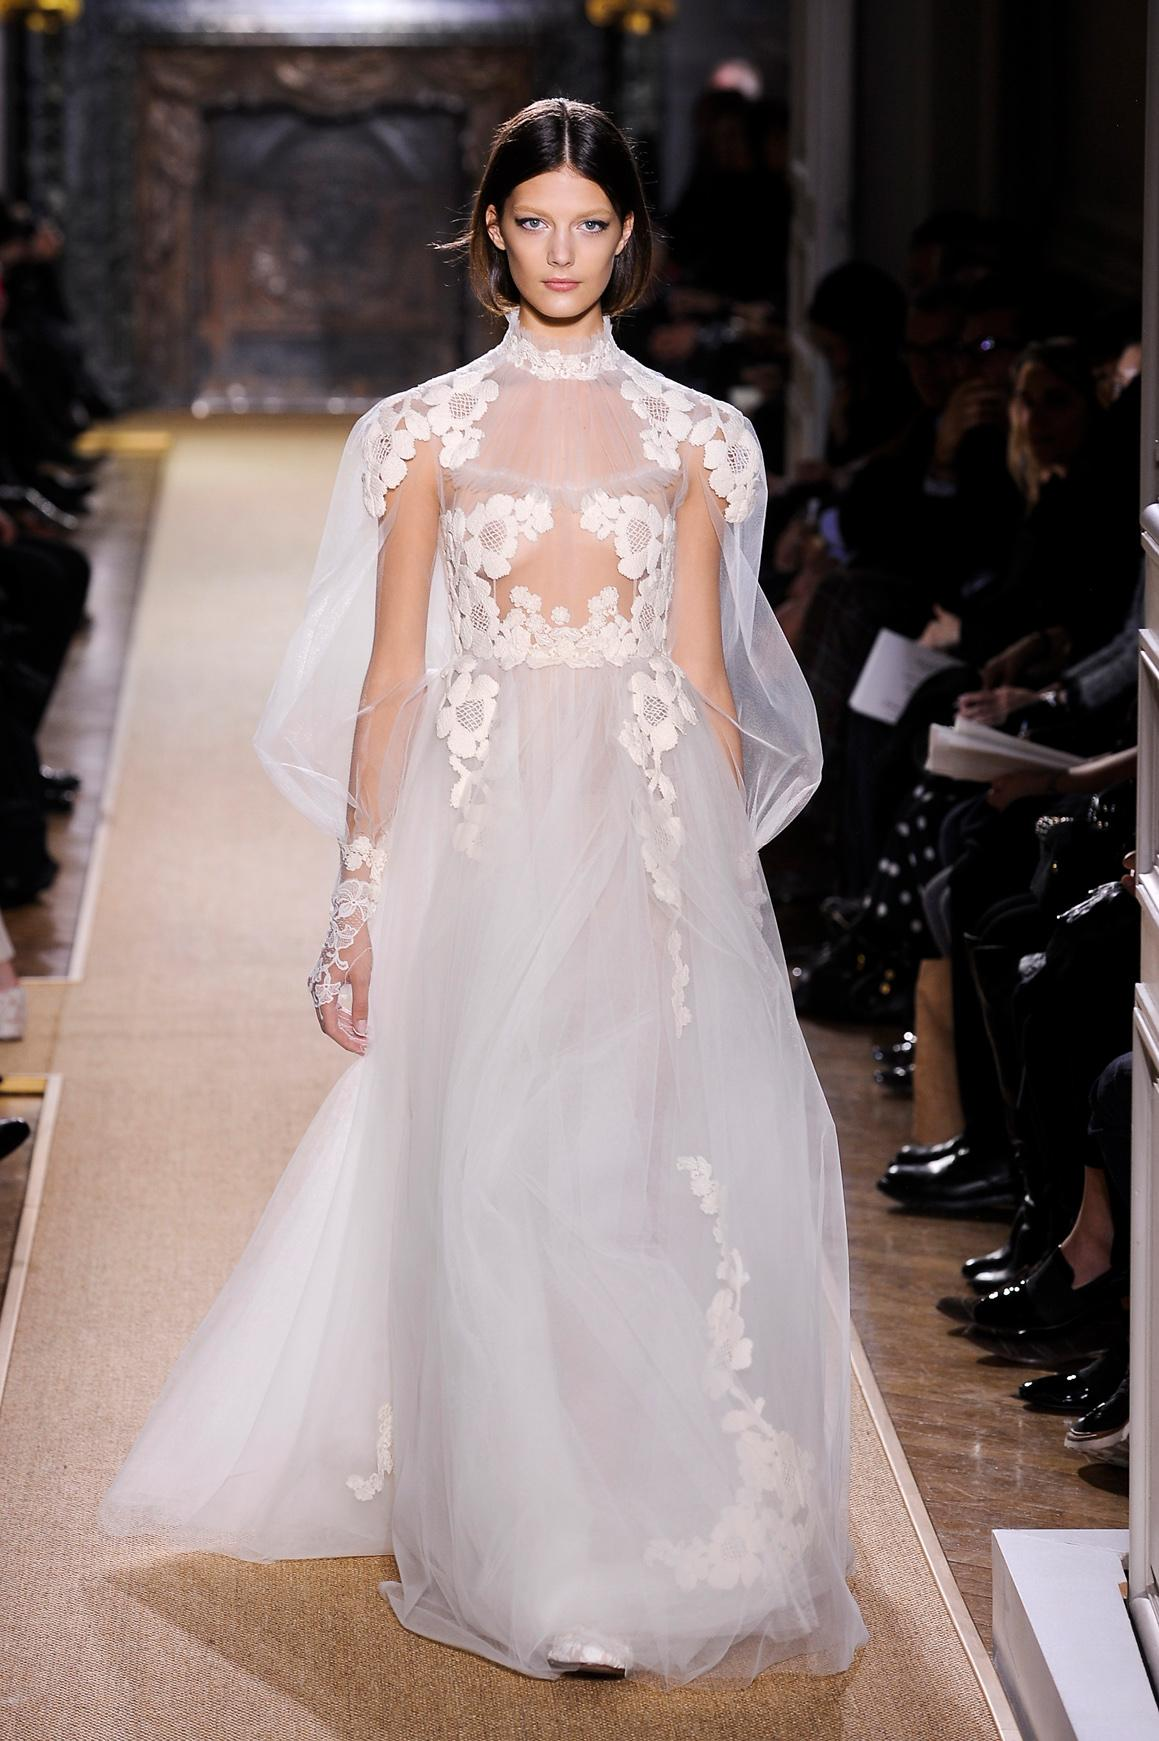 Les robes de mariée les plus mémorables de la haute couture , Chanel  Les robes de mariée les plus mémorables de la haute couture , Givenchy Les  robes de